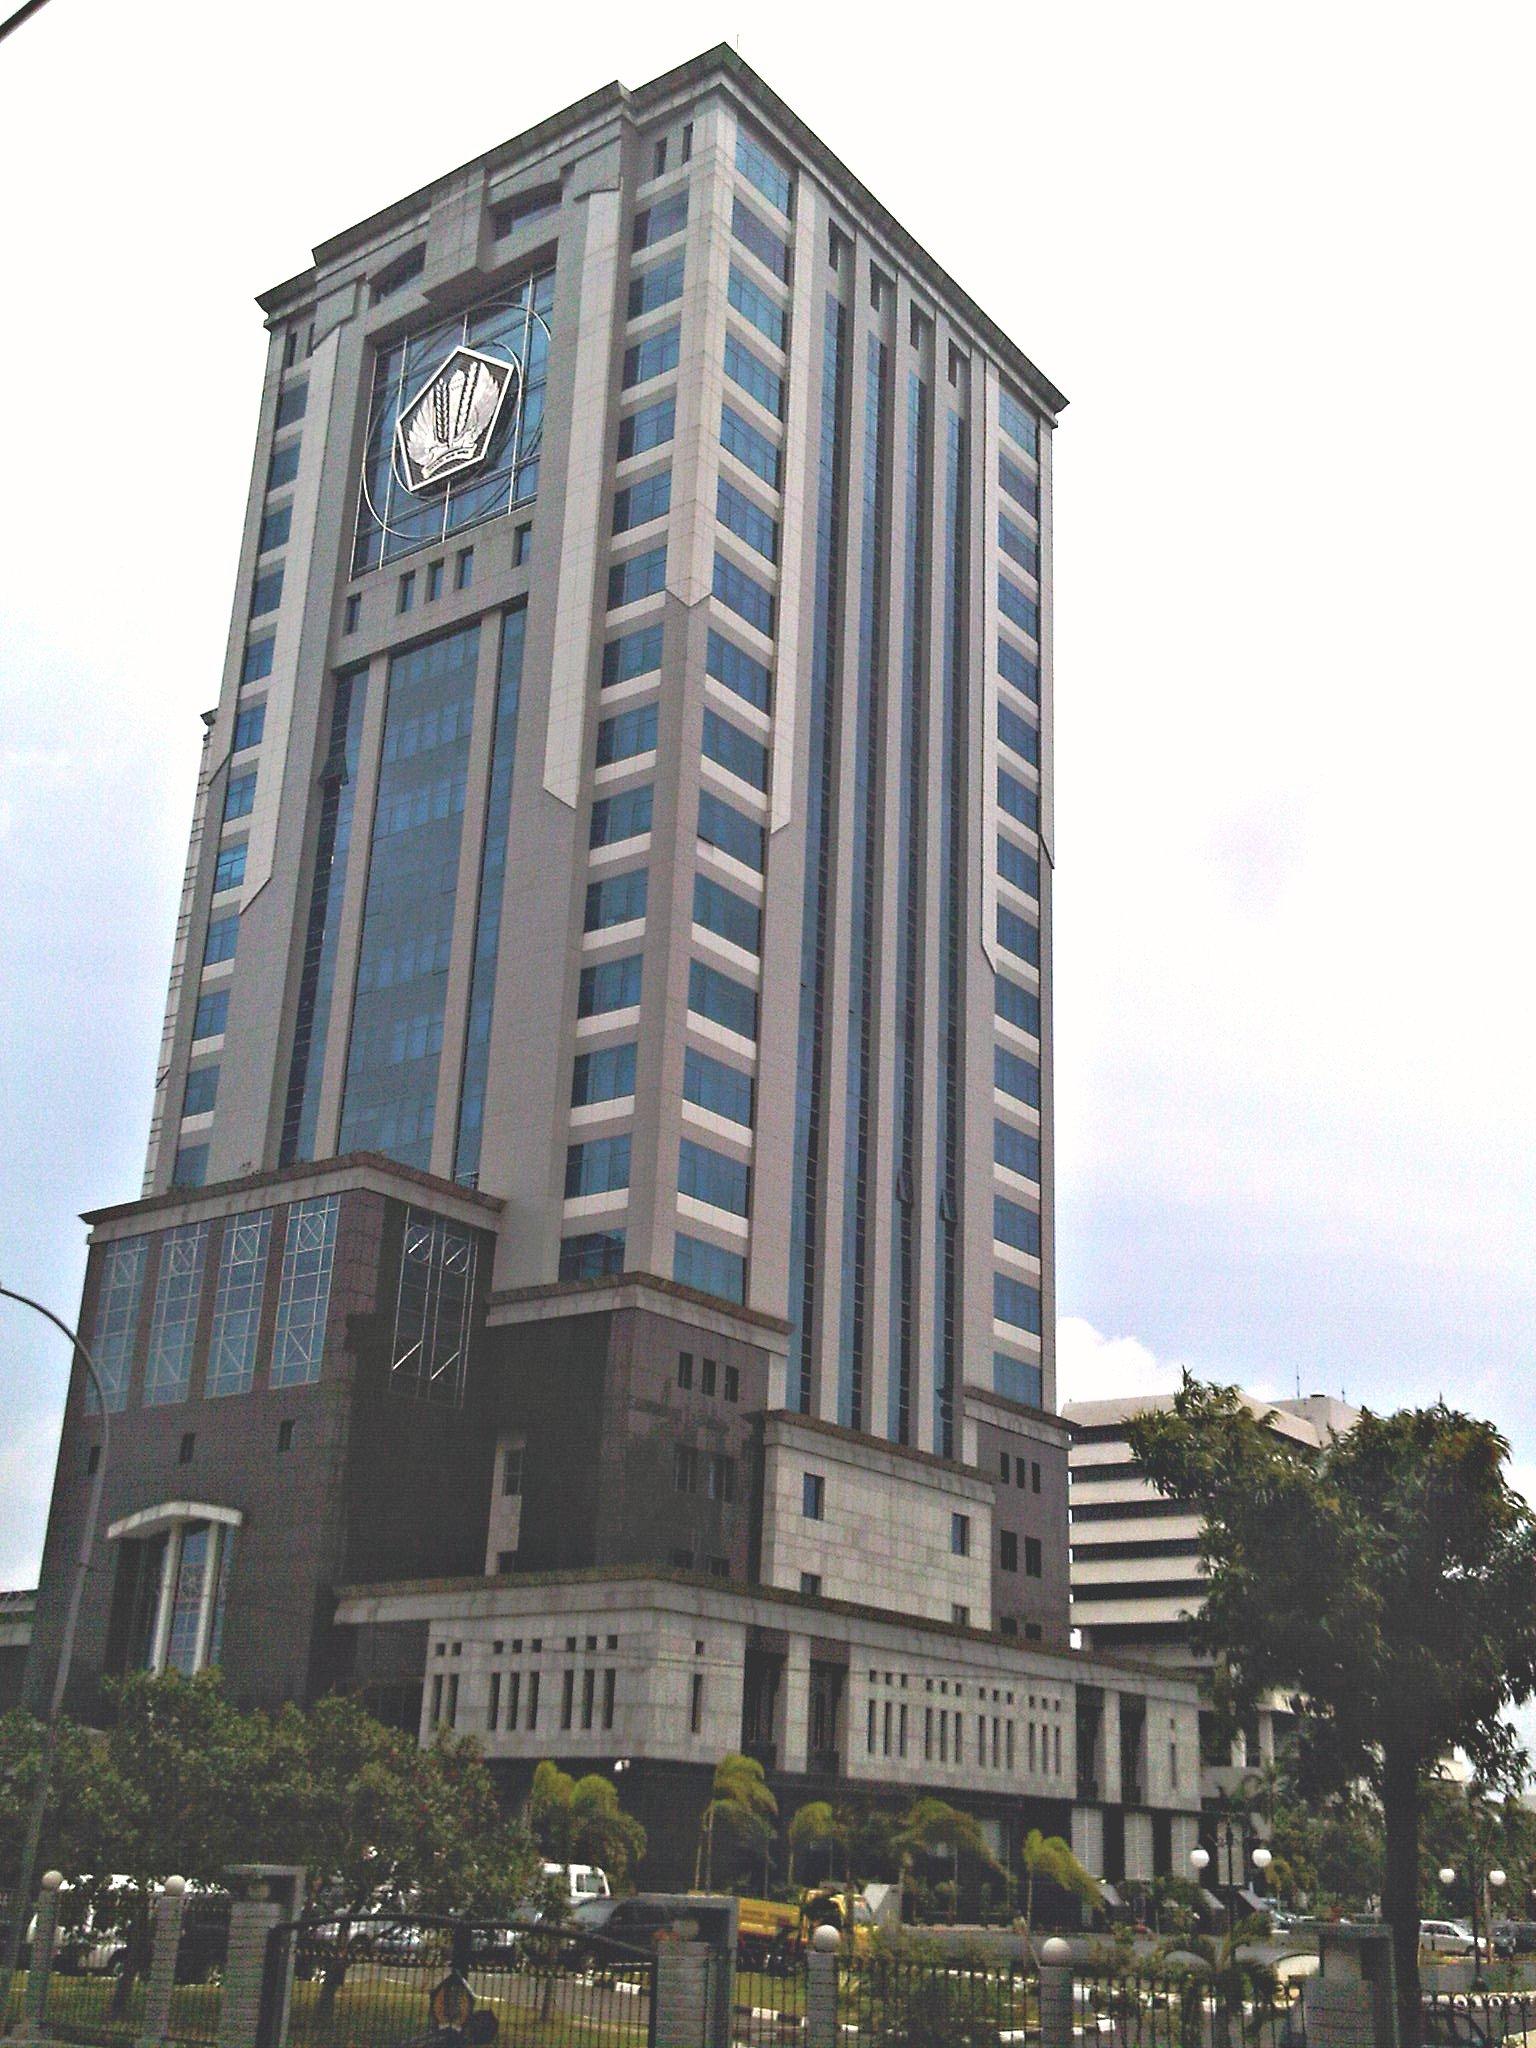 File:Gedung Kementerian Keuangan, Lapangan Banteng